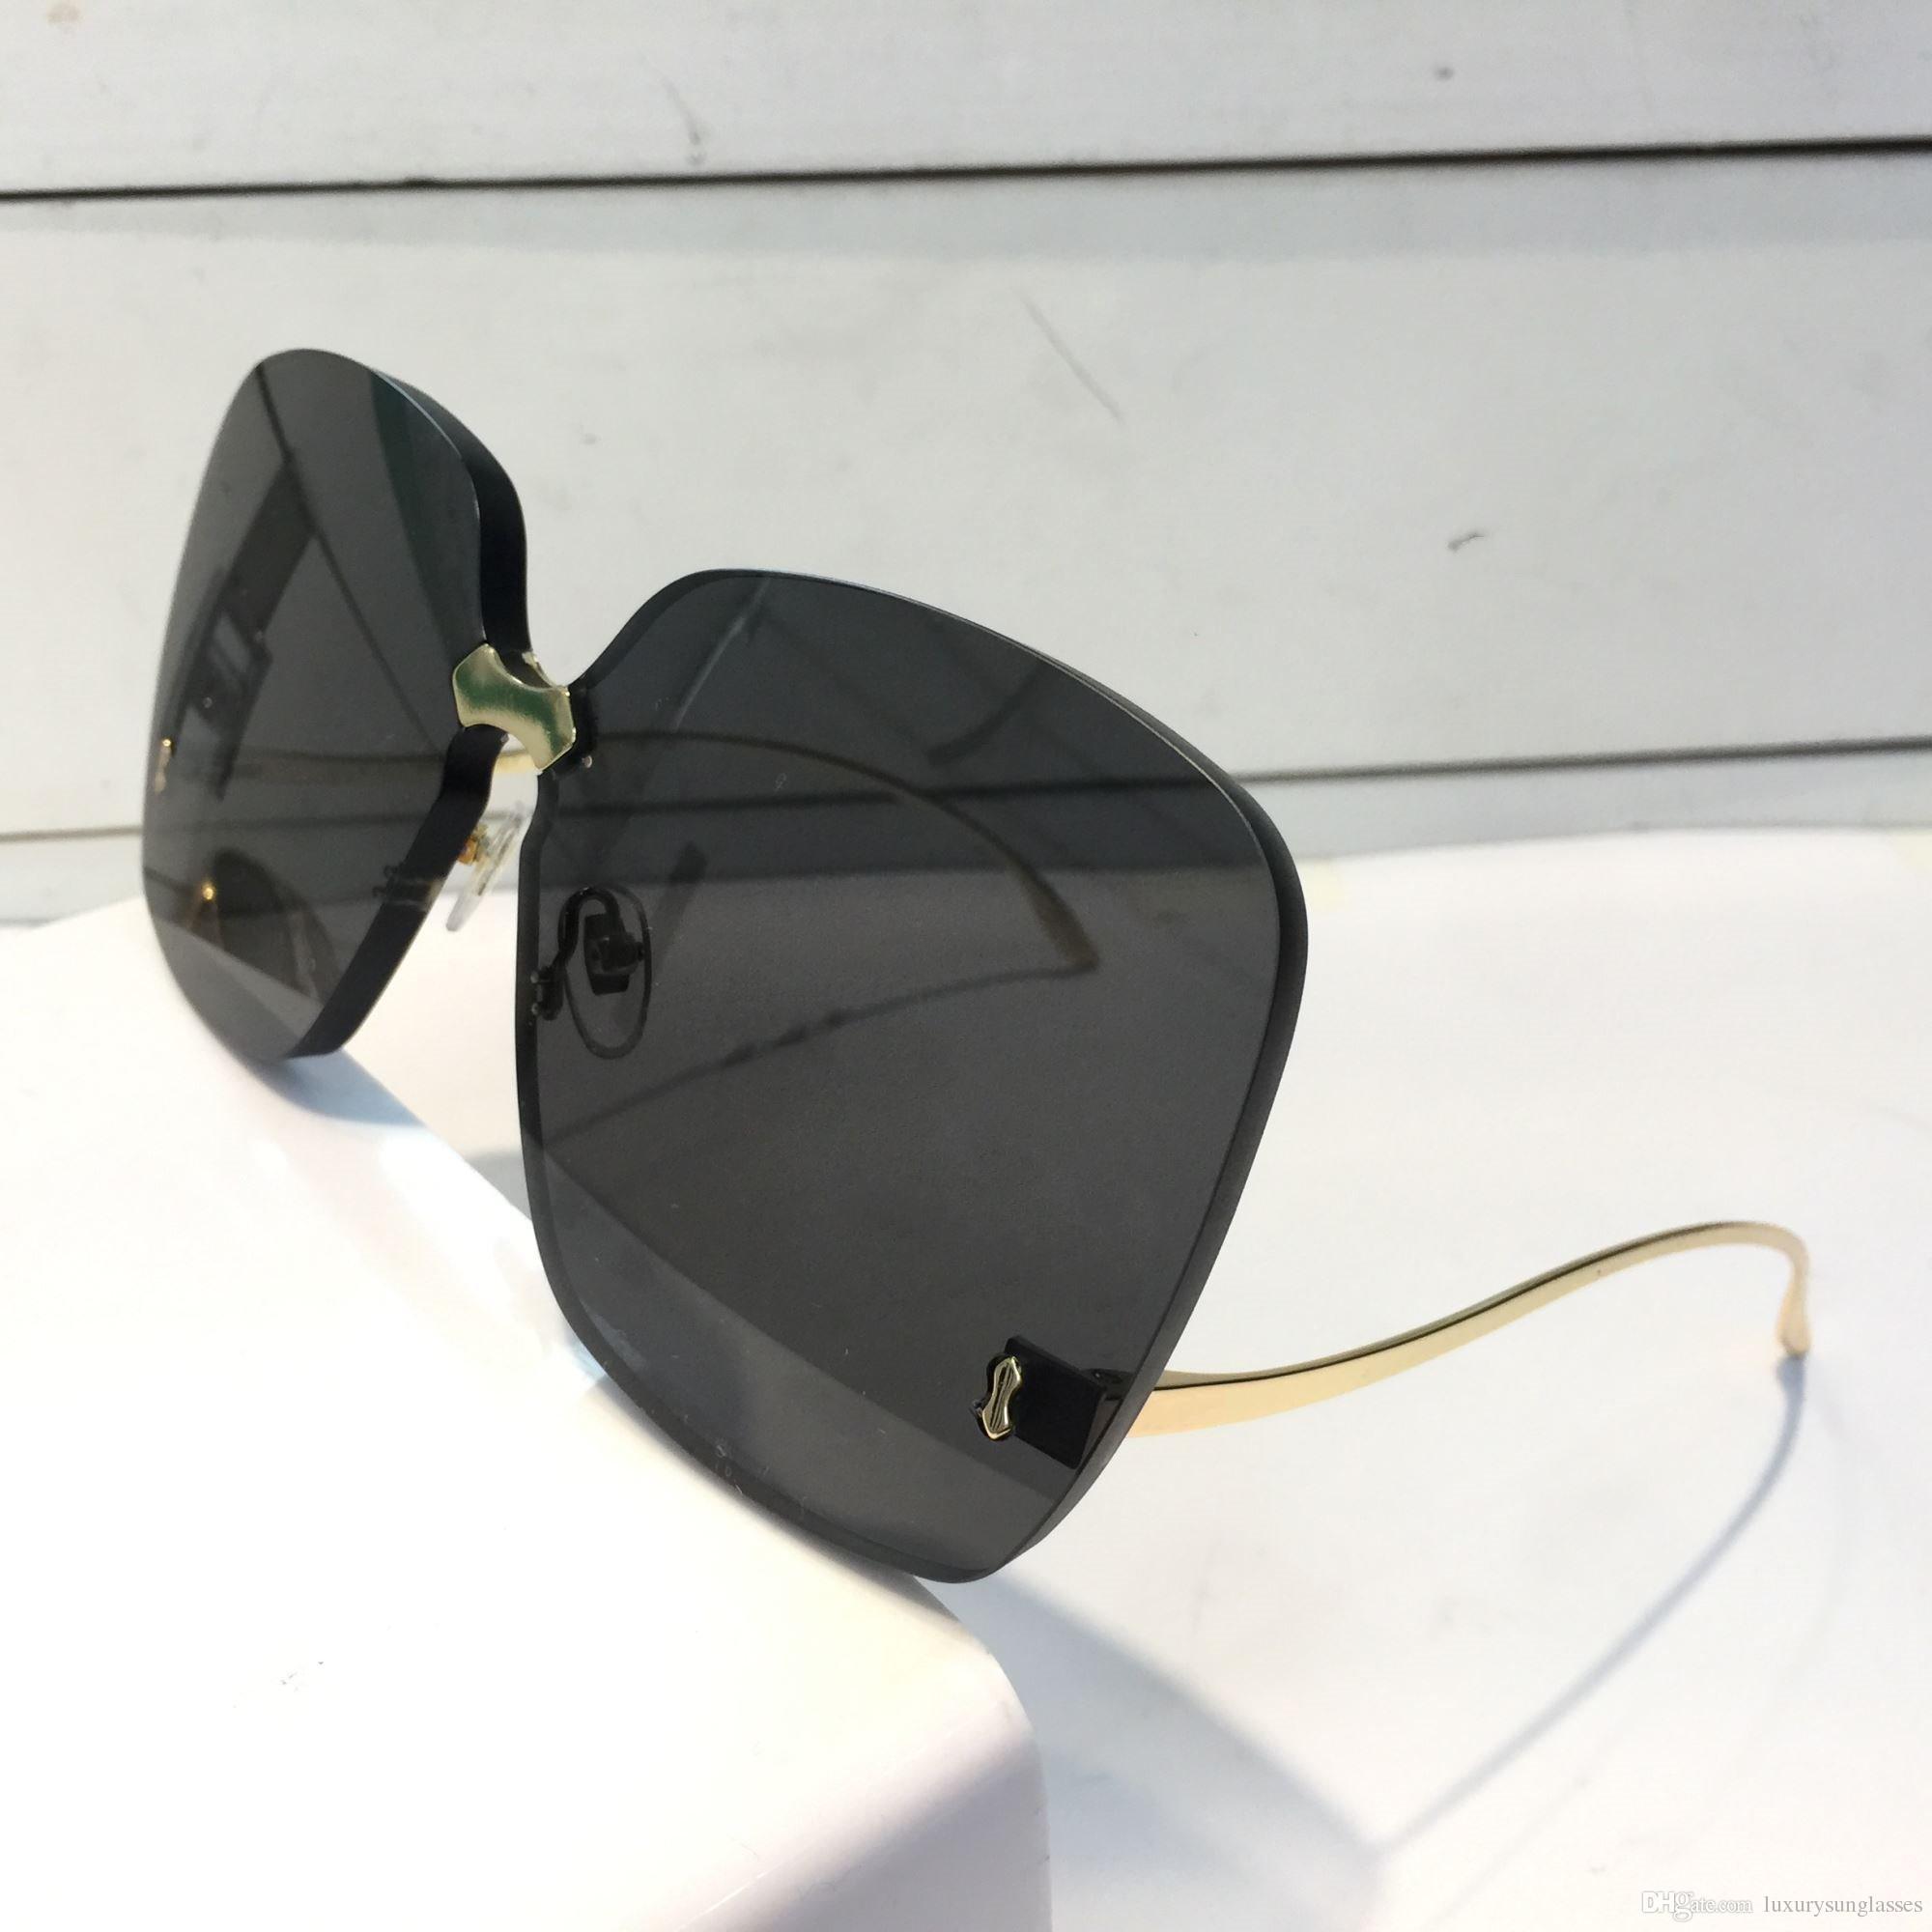 0352 الساقين مصمم النظارات الشمسية لأزياء النساء التفاف مكبرة بدون إطار طلاء مرآة عدسة ألياف الكربون الصيف نمط أعلى جودة 0352S